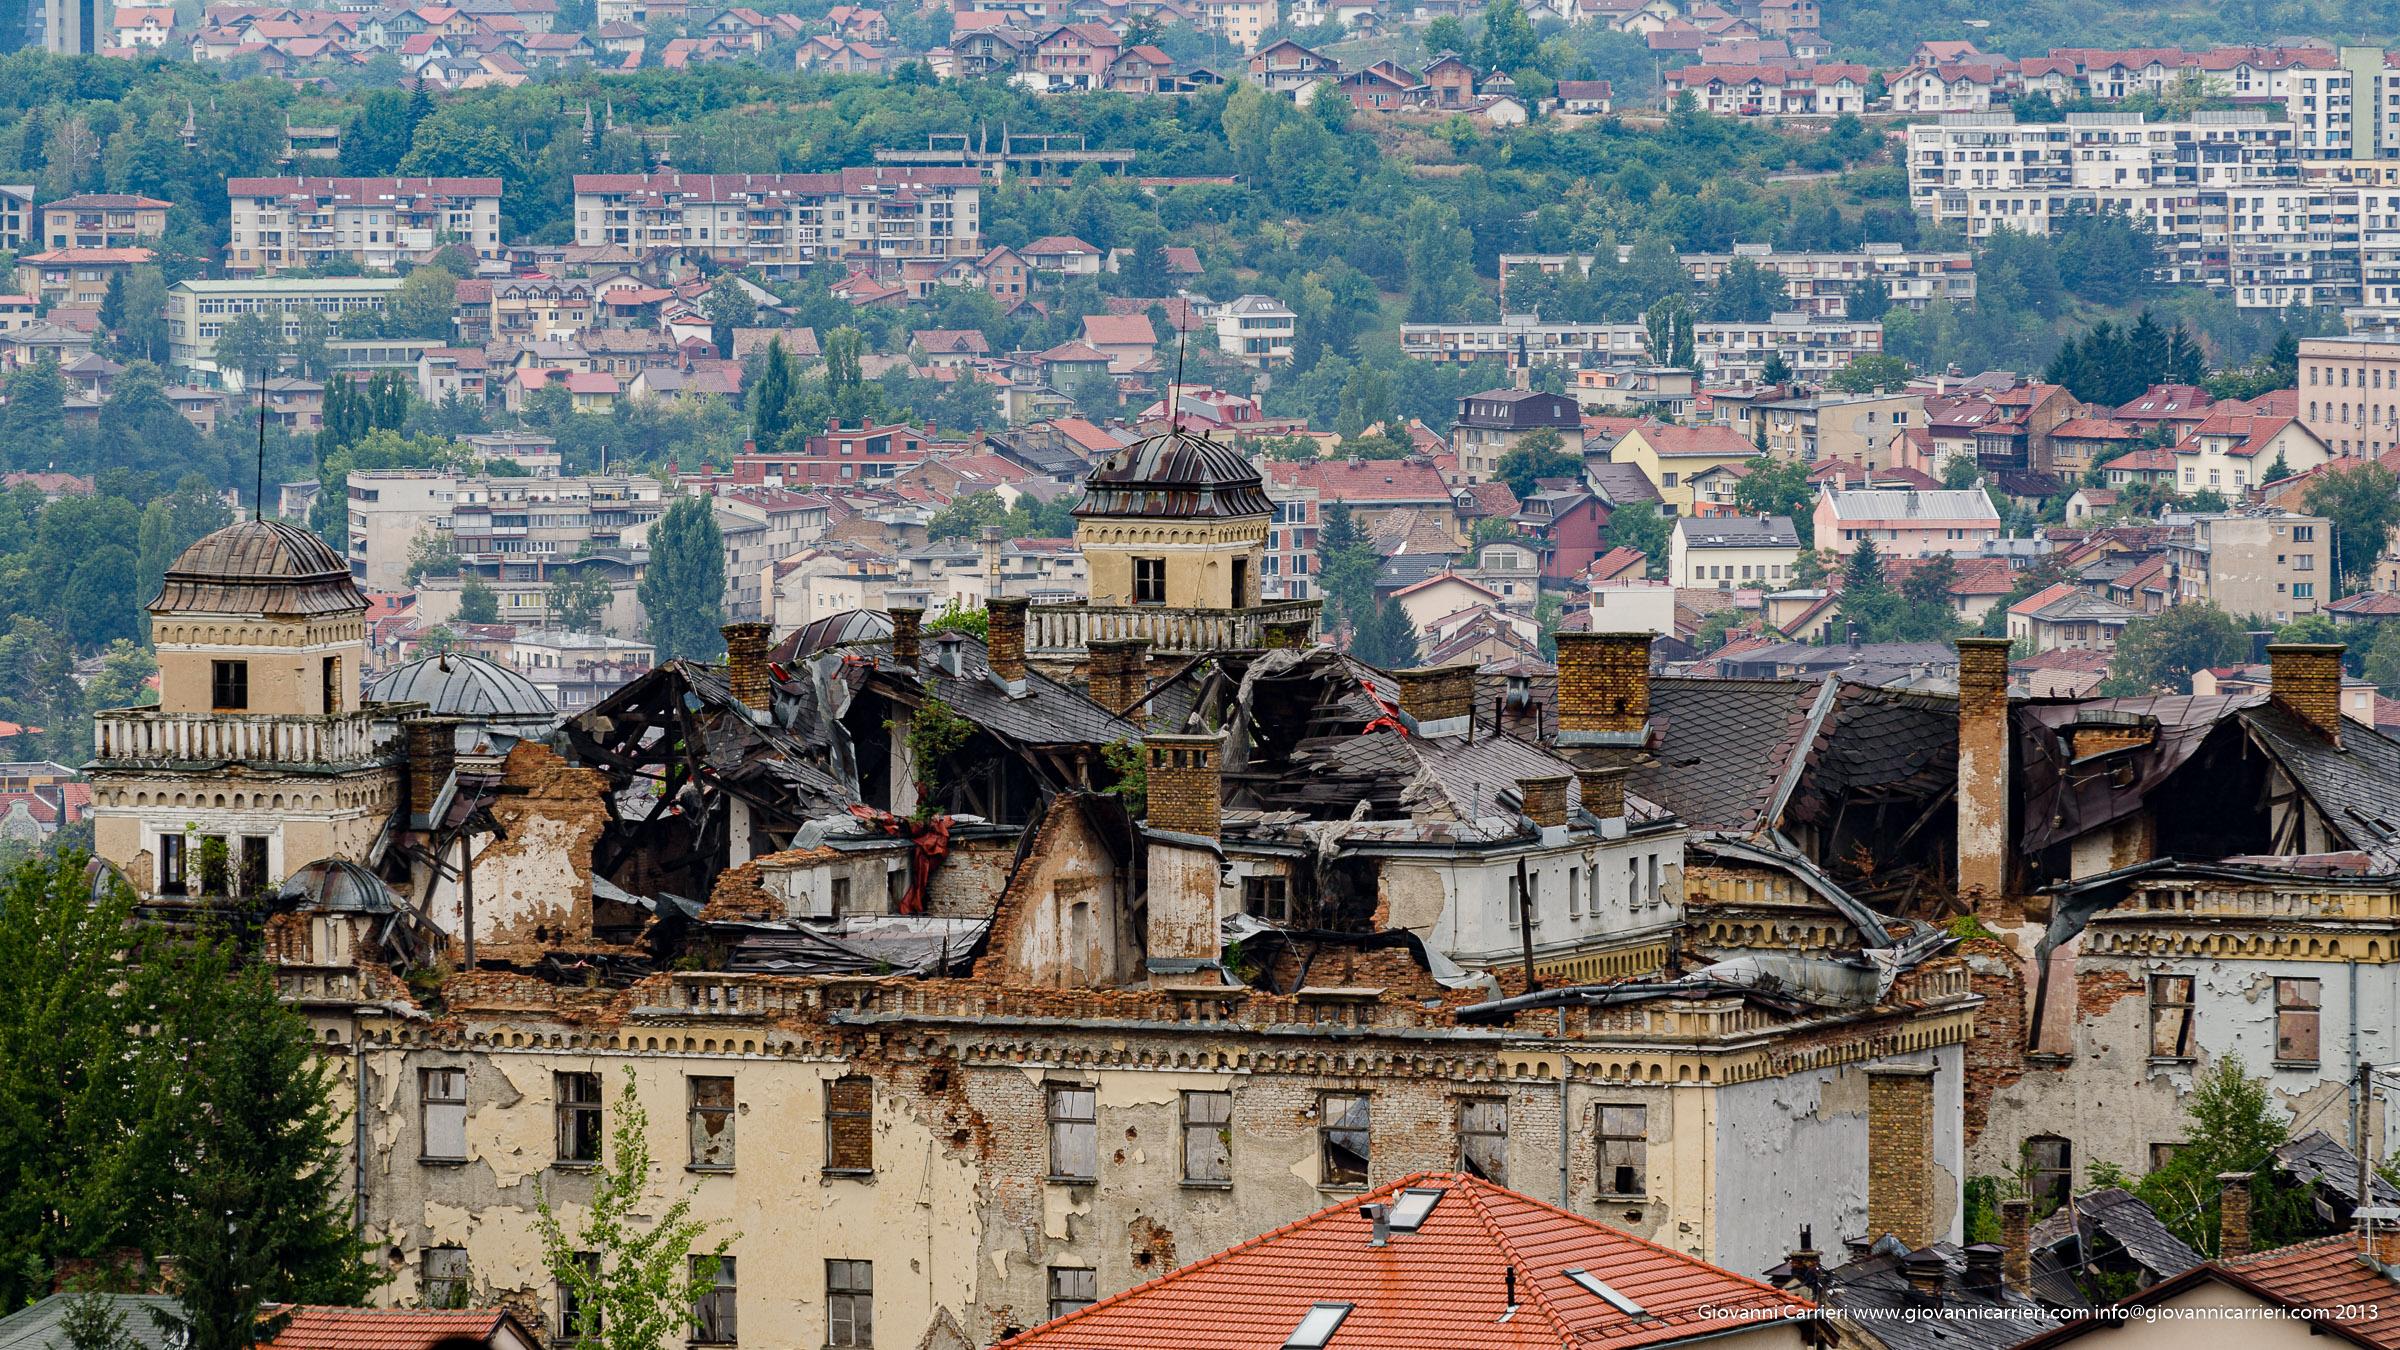 Cicatrici di Guerra in Bosnia-Erzegovina